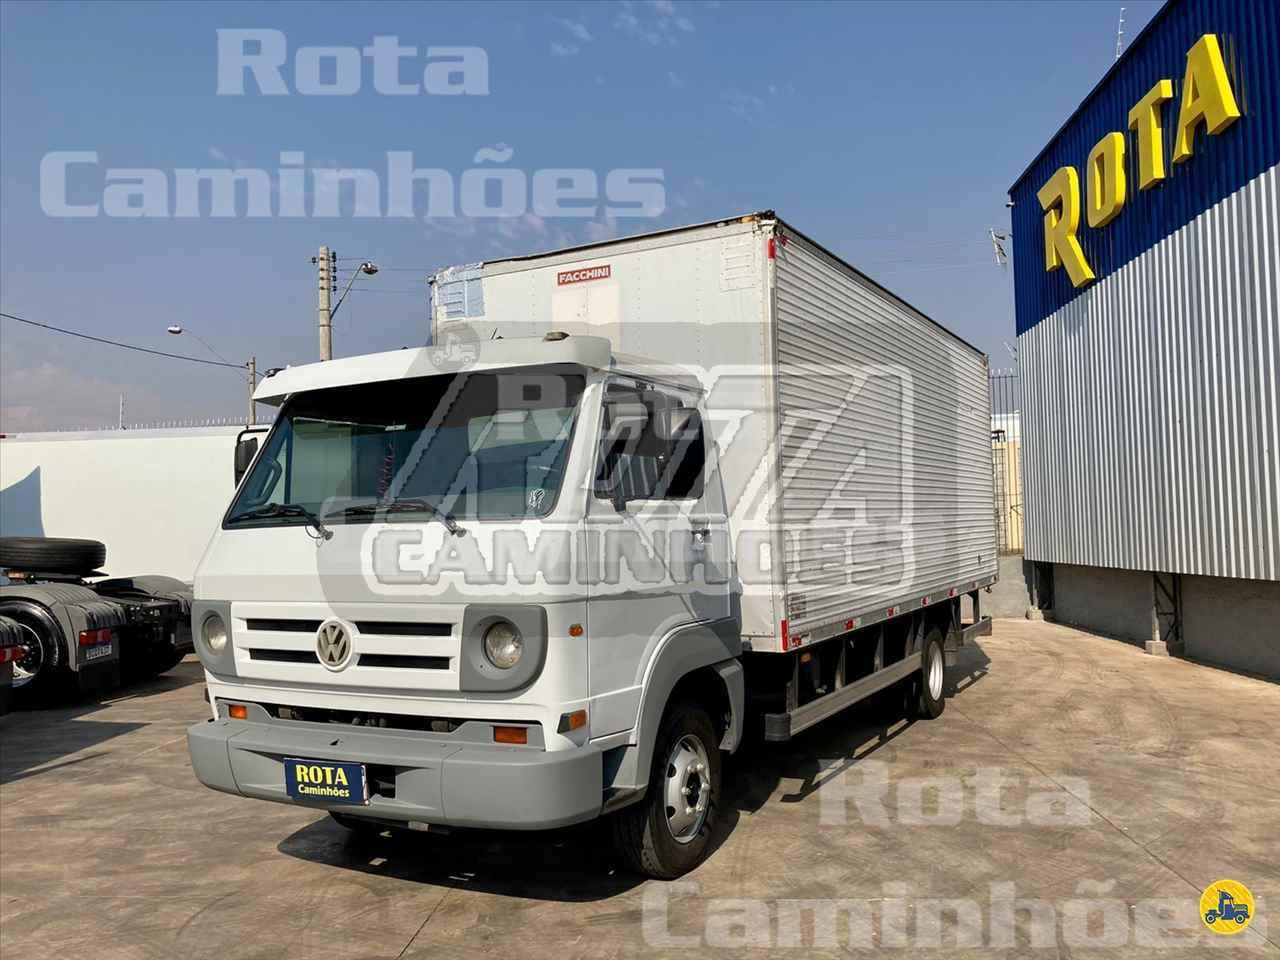 CAMINHAO VOLKSWAGEN VW 9150 Baú Furgão 3/4 4x2 Rota Caminhões SUMARE SÃO PAULO SP